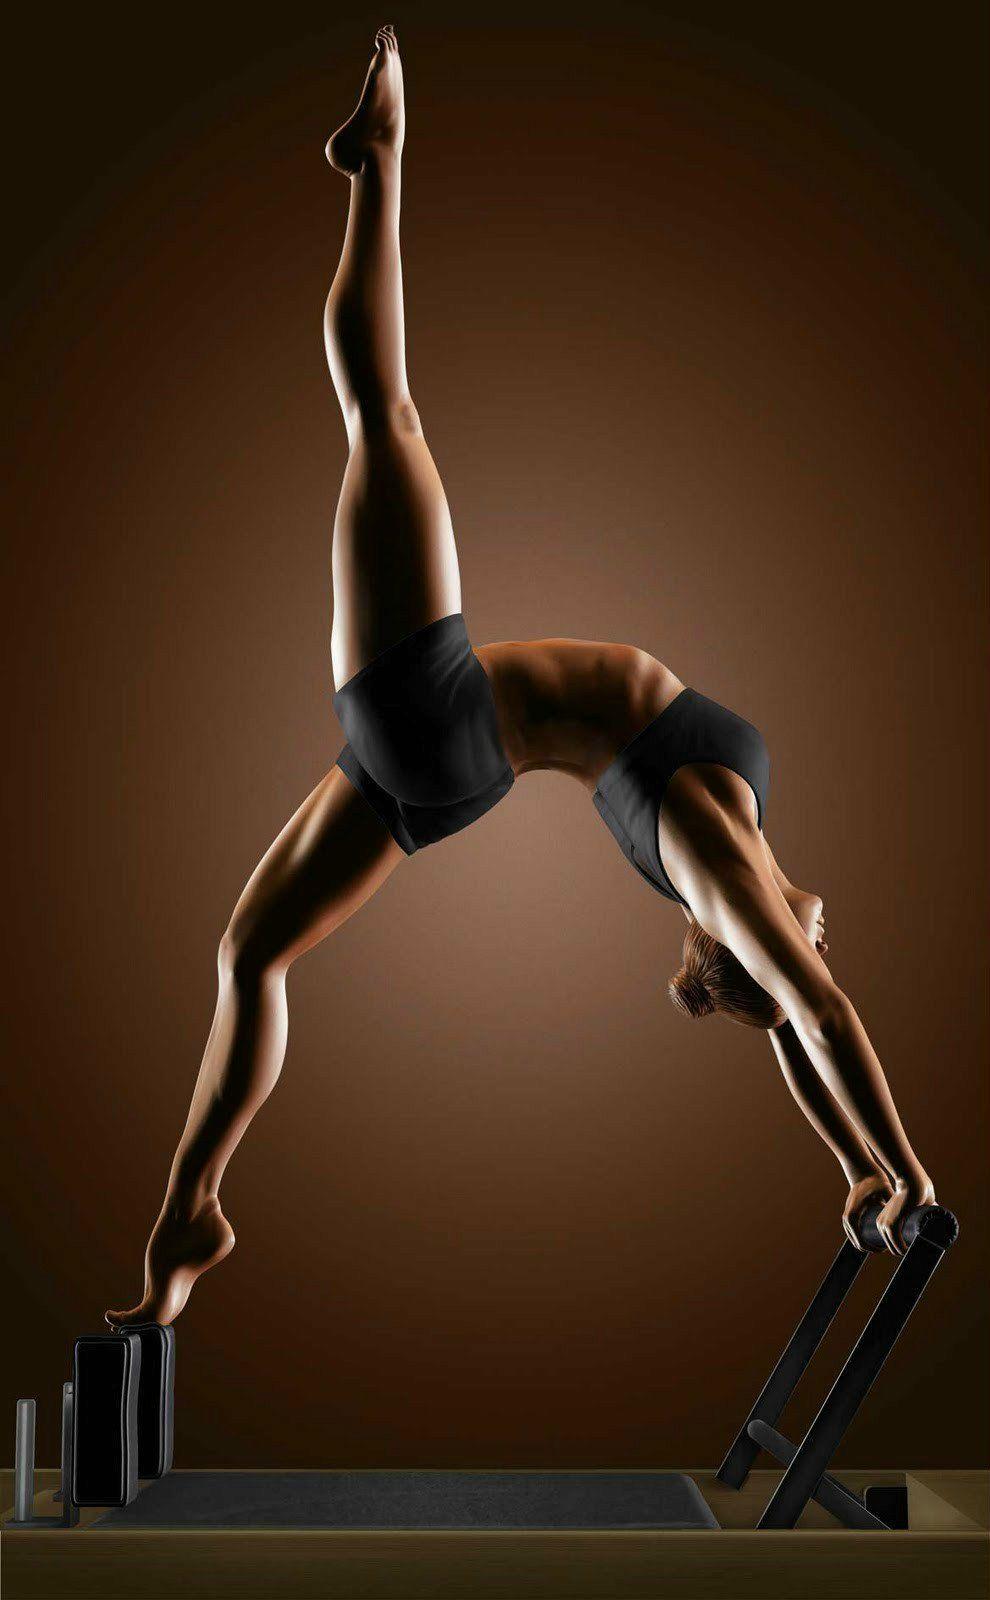 pilates-beneficios-para-o-corpo-postura-a-toda-em-forma-fitness